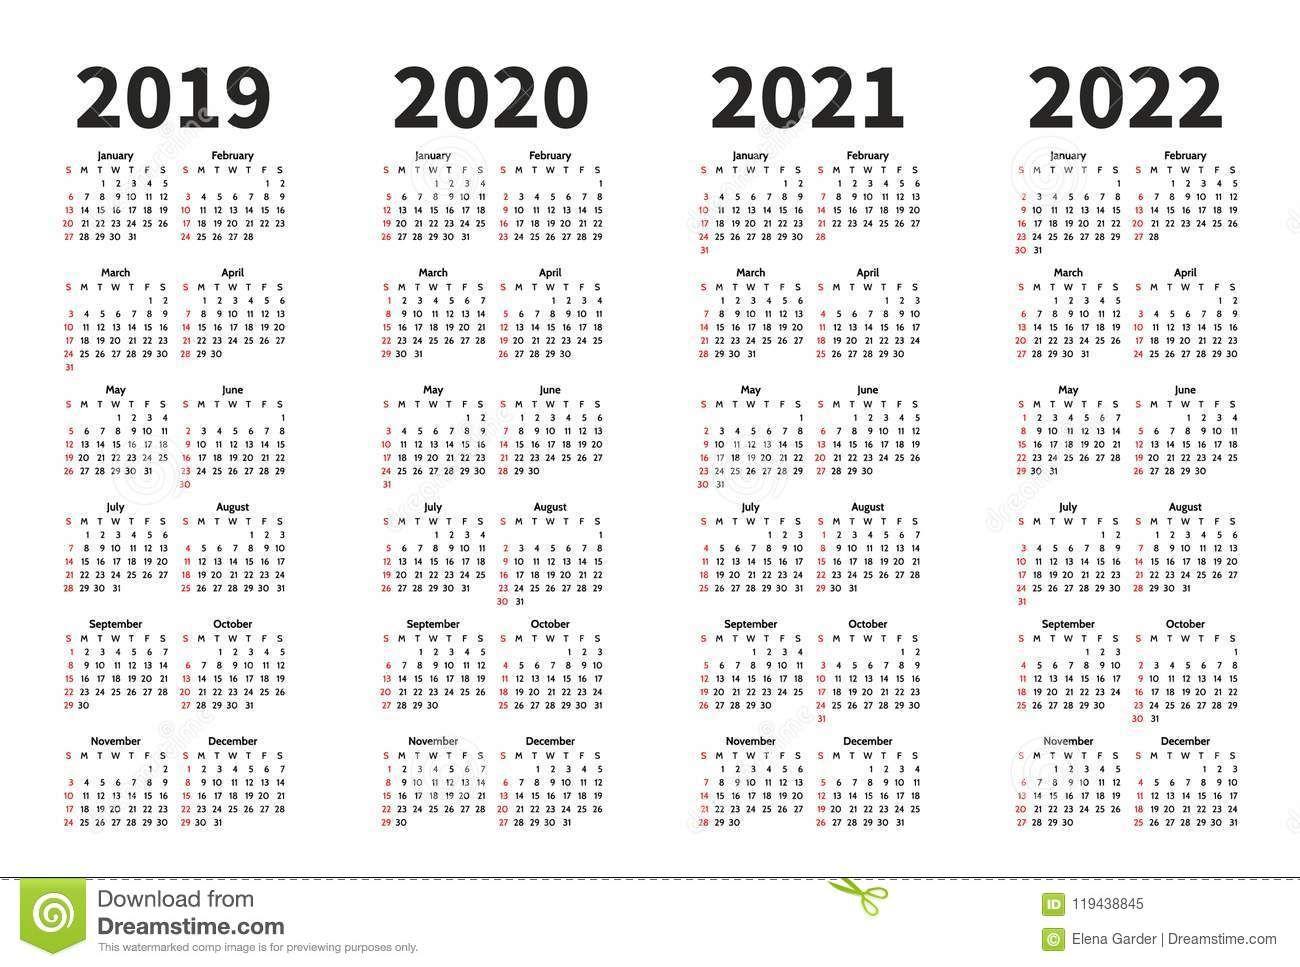 Calendar O Molde Do Projeto De Um Vetor De 2019 2020 2021 E 2022 Anos Estilo Simples Do Minimalizm A S Calendários Imprimíveis Molde Calendario Para Imprimir